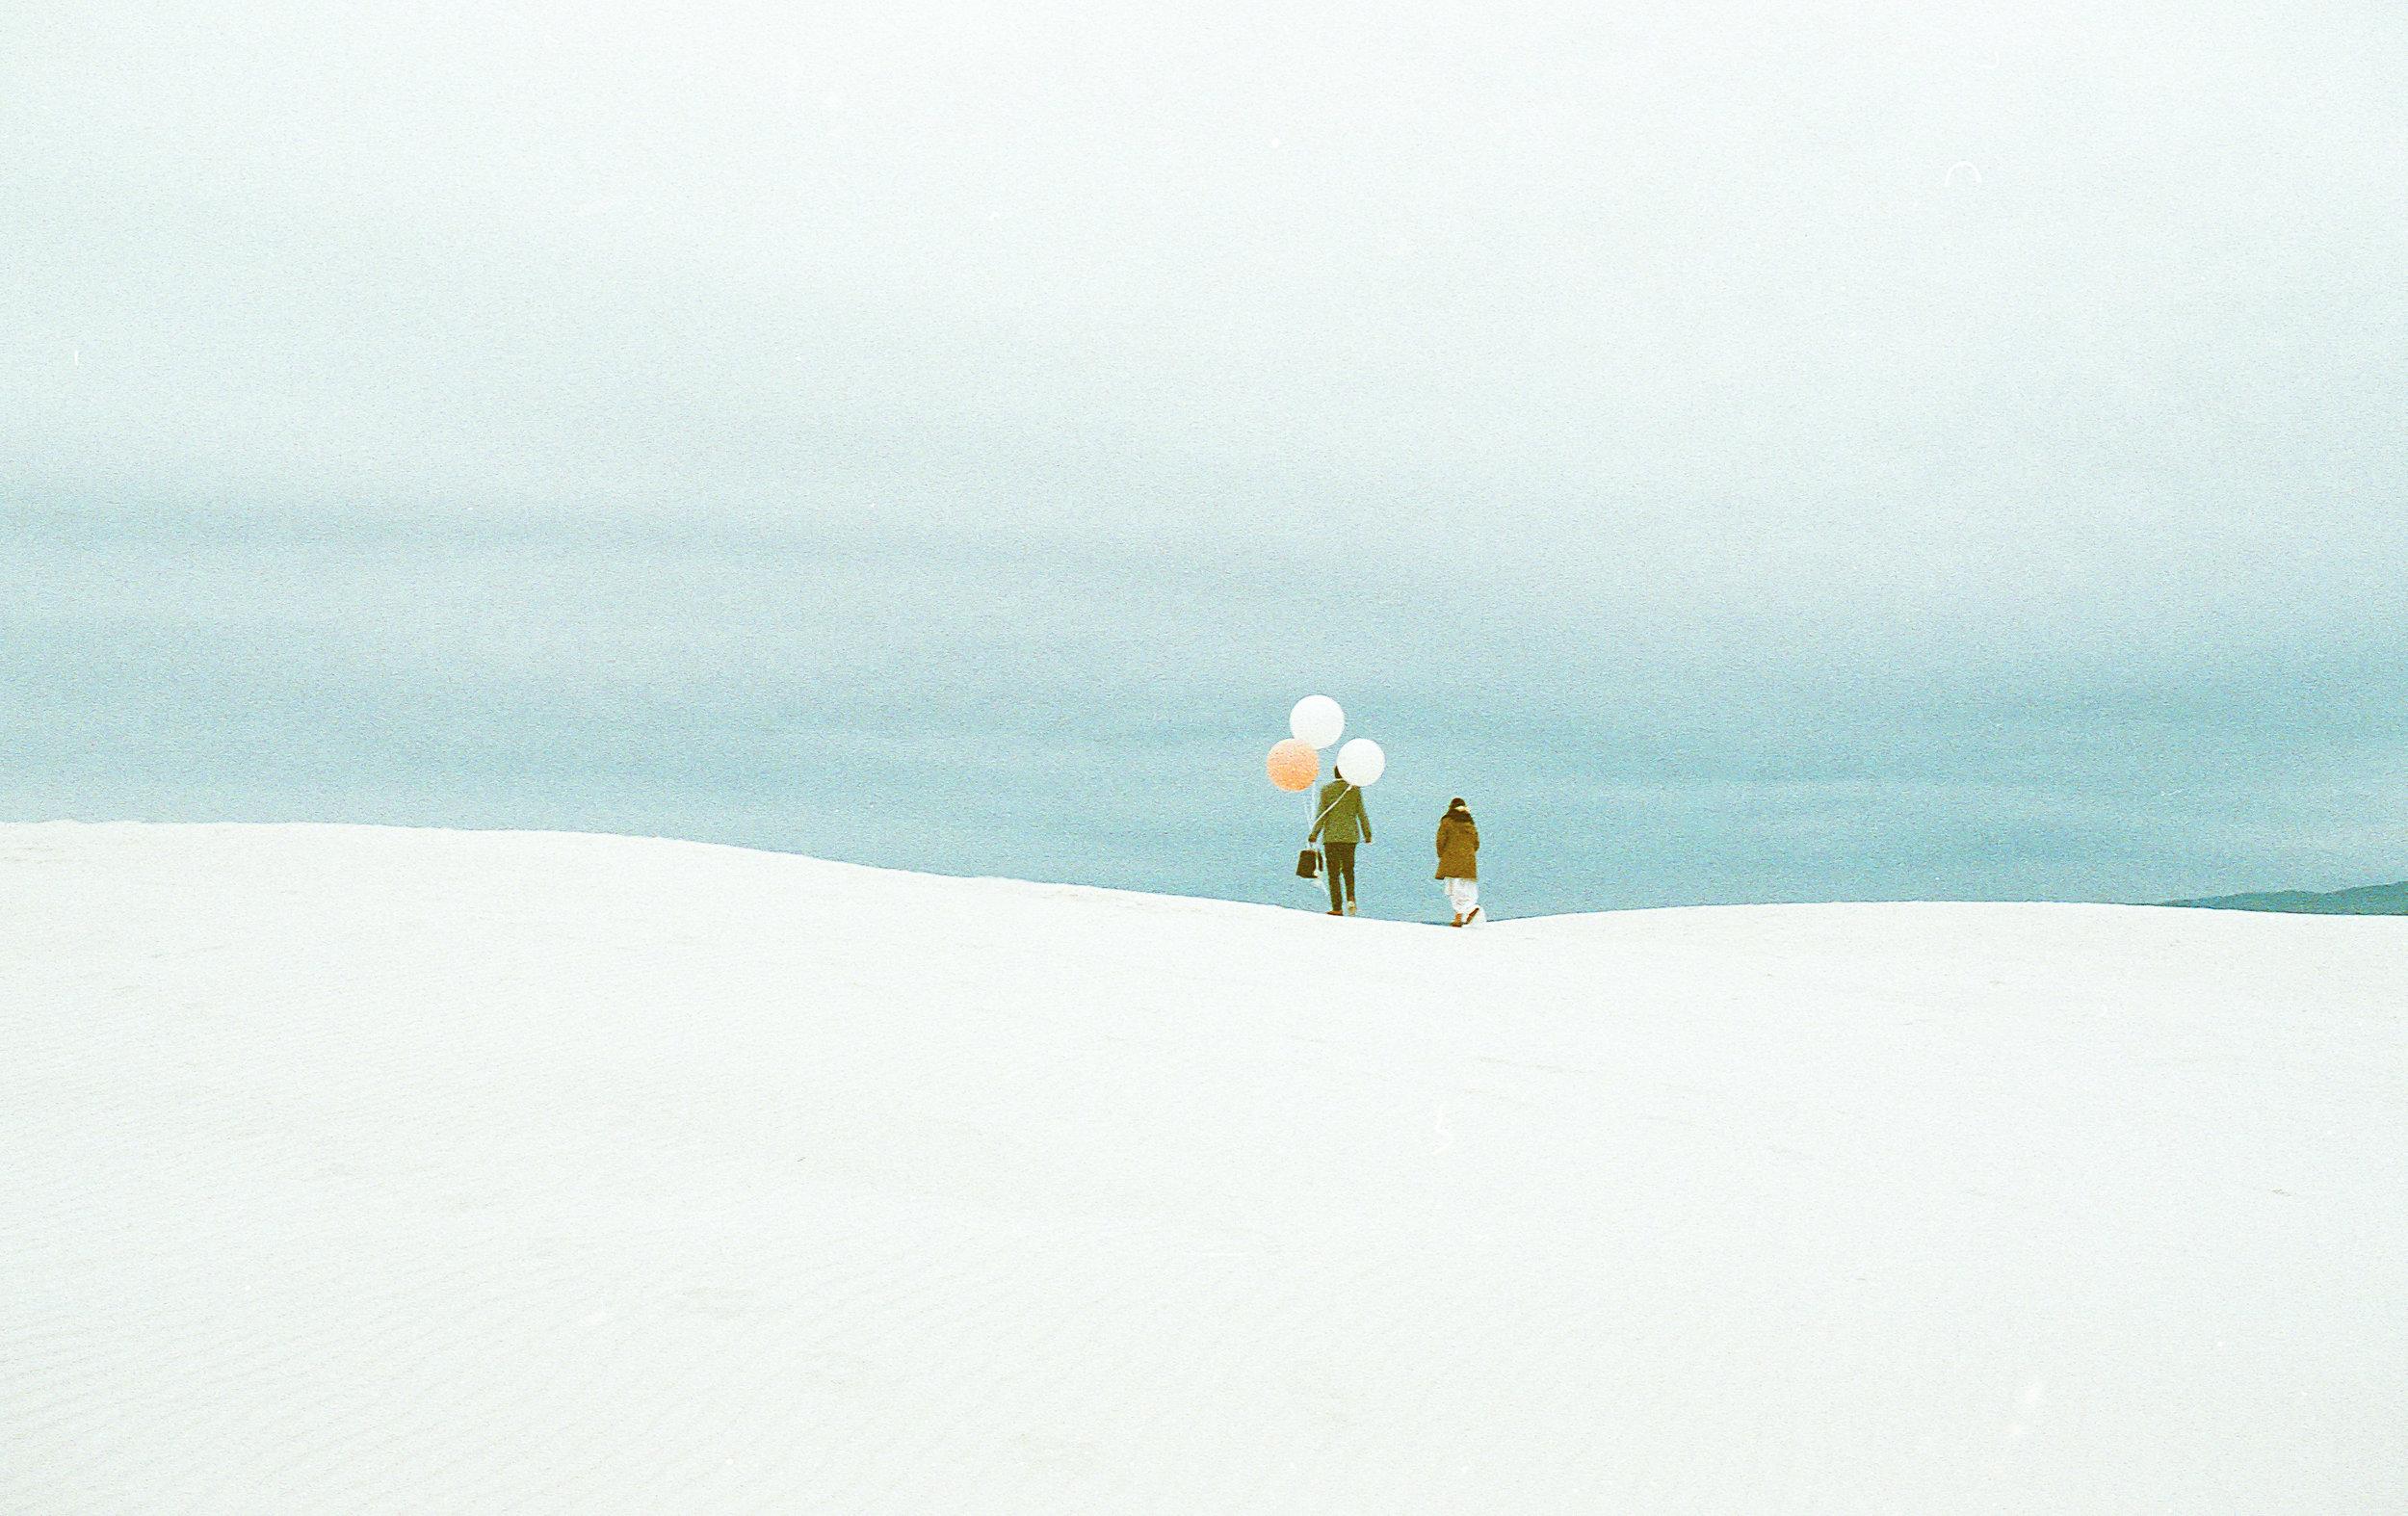 winter-upload -14.jpg